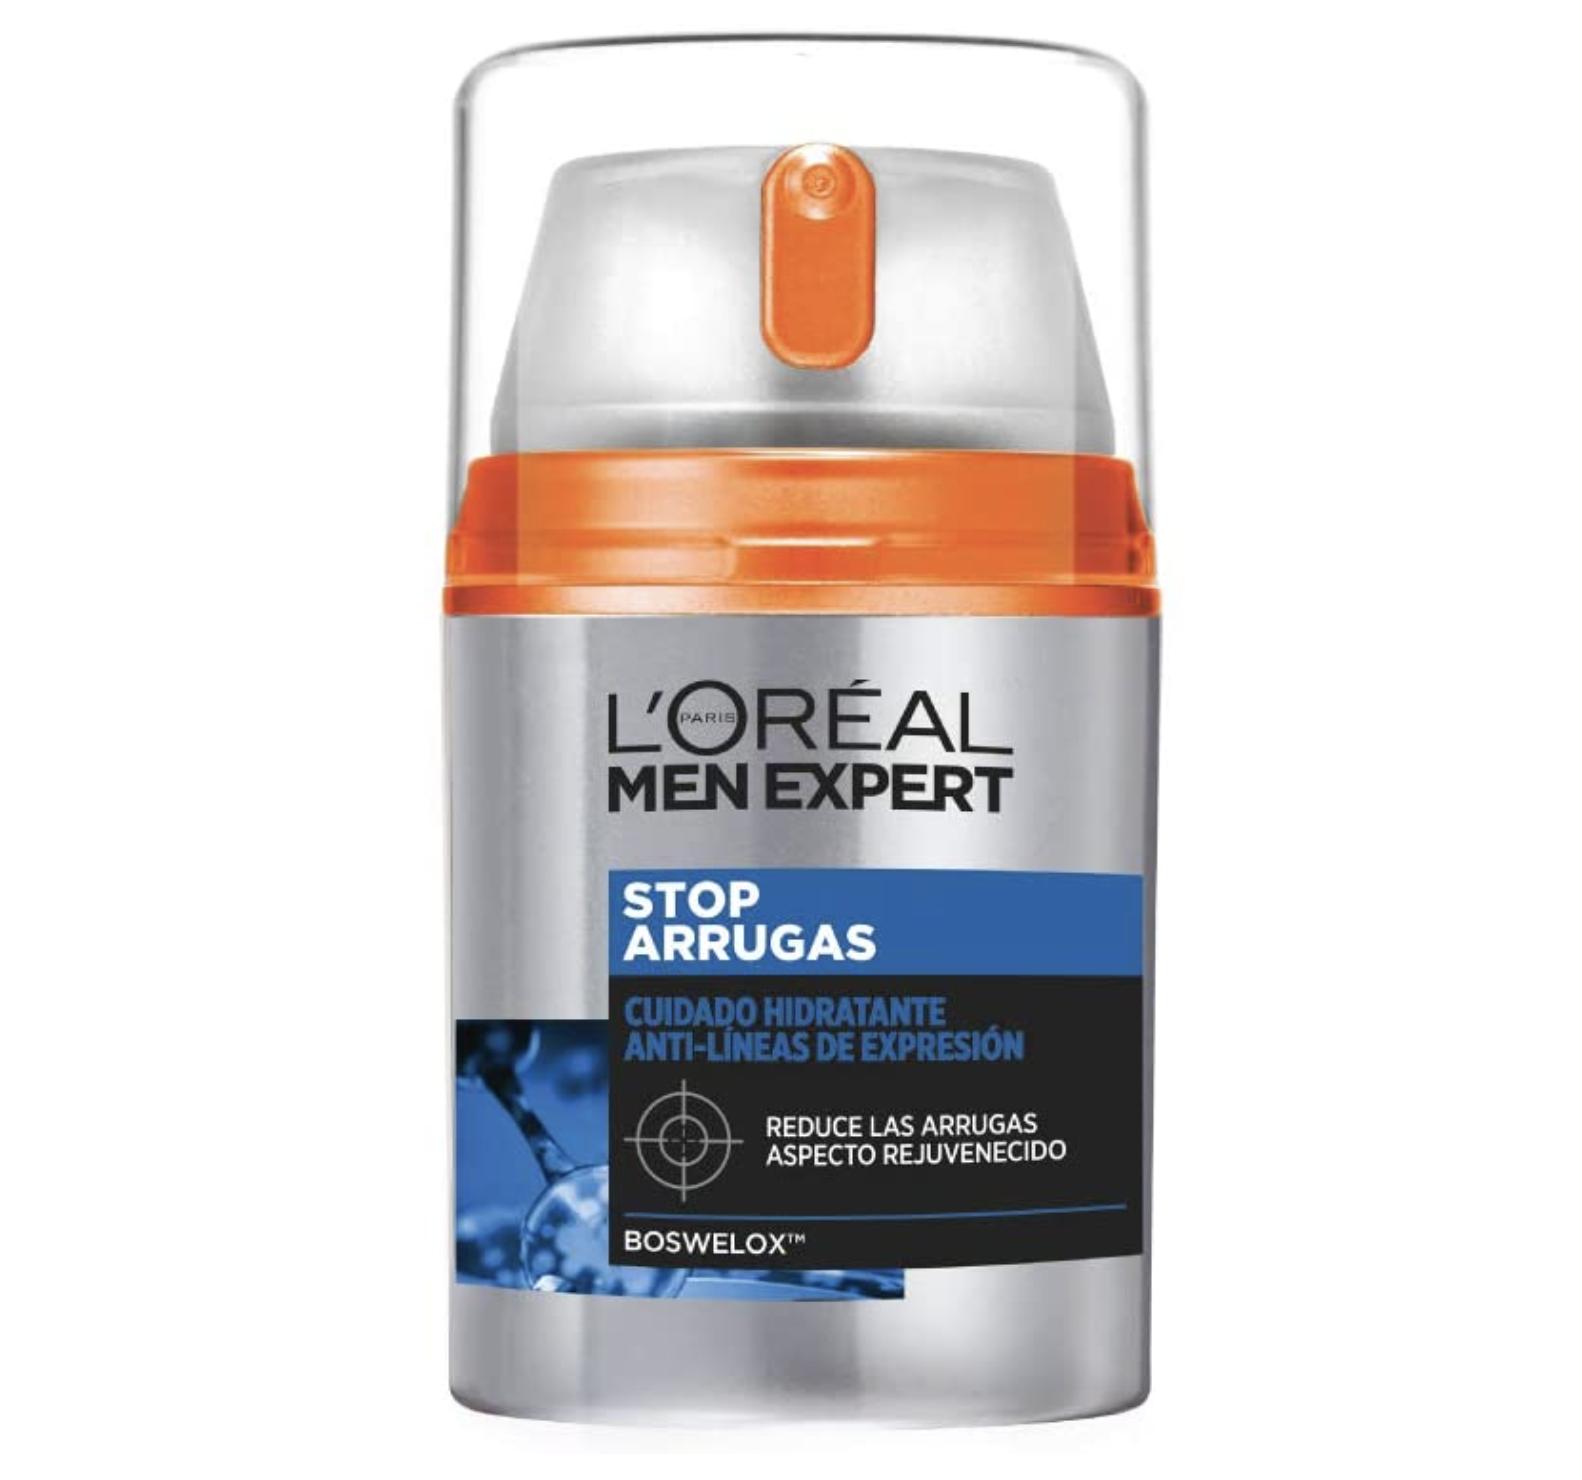 crema antiarrugas loreal para hombre